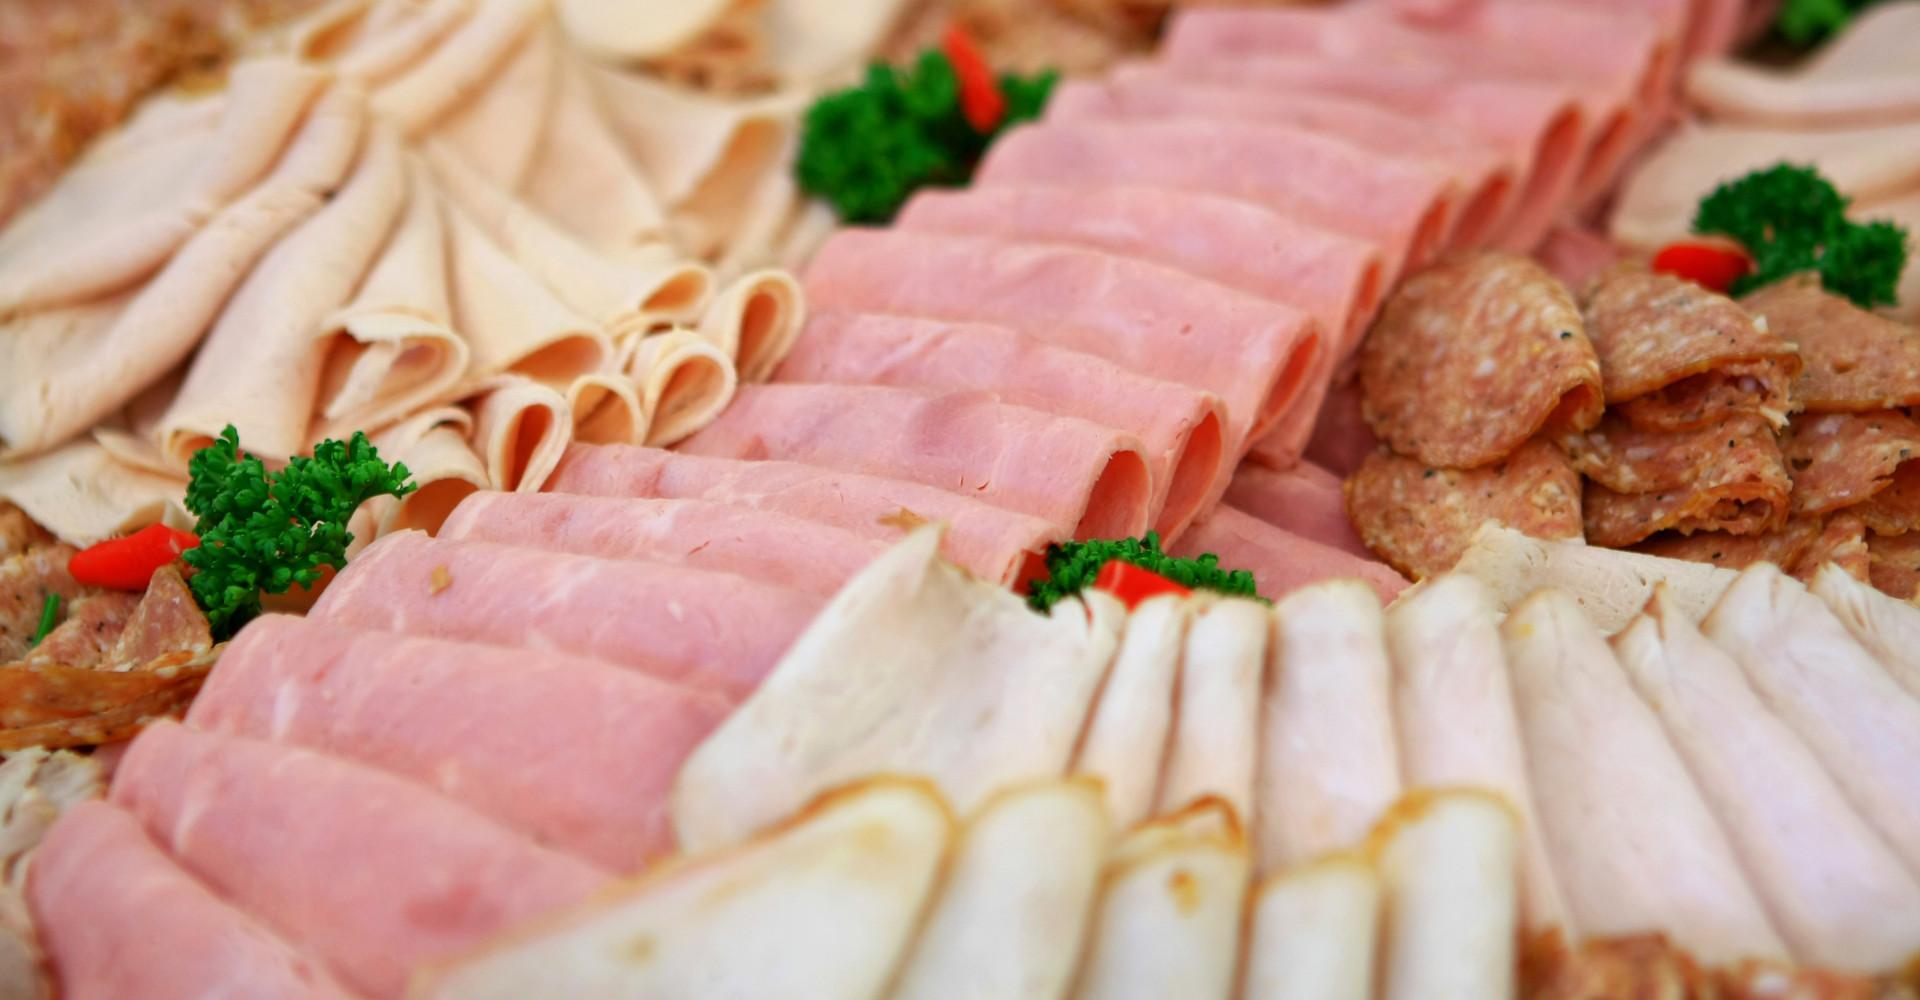 Dit zijn de meest dodelijke voedingsproducten